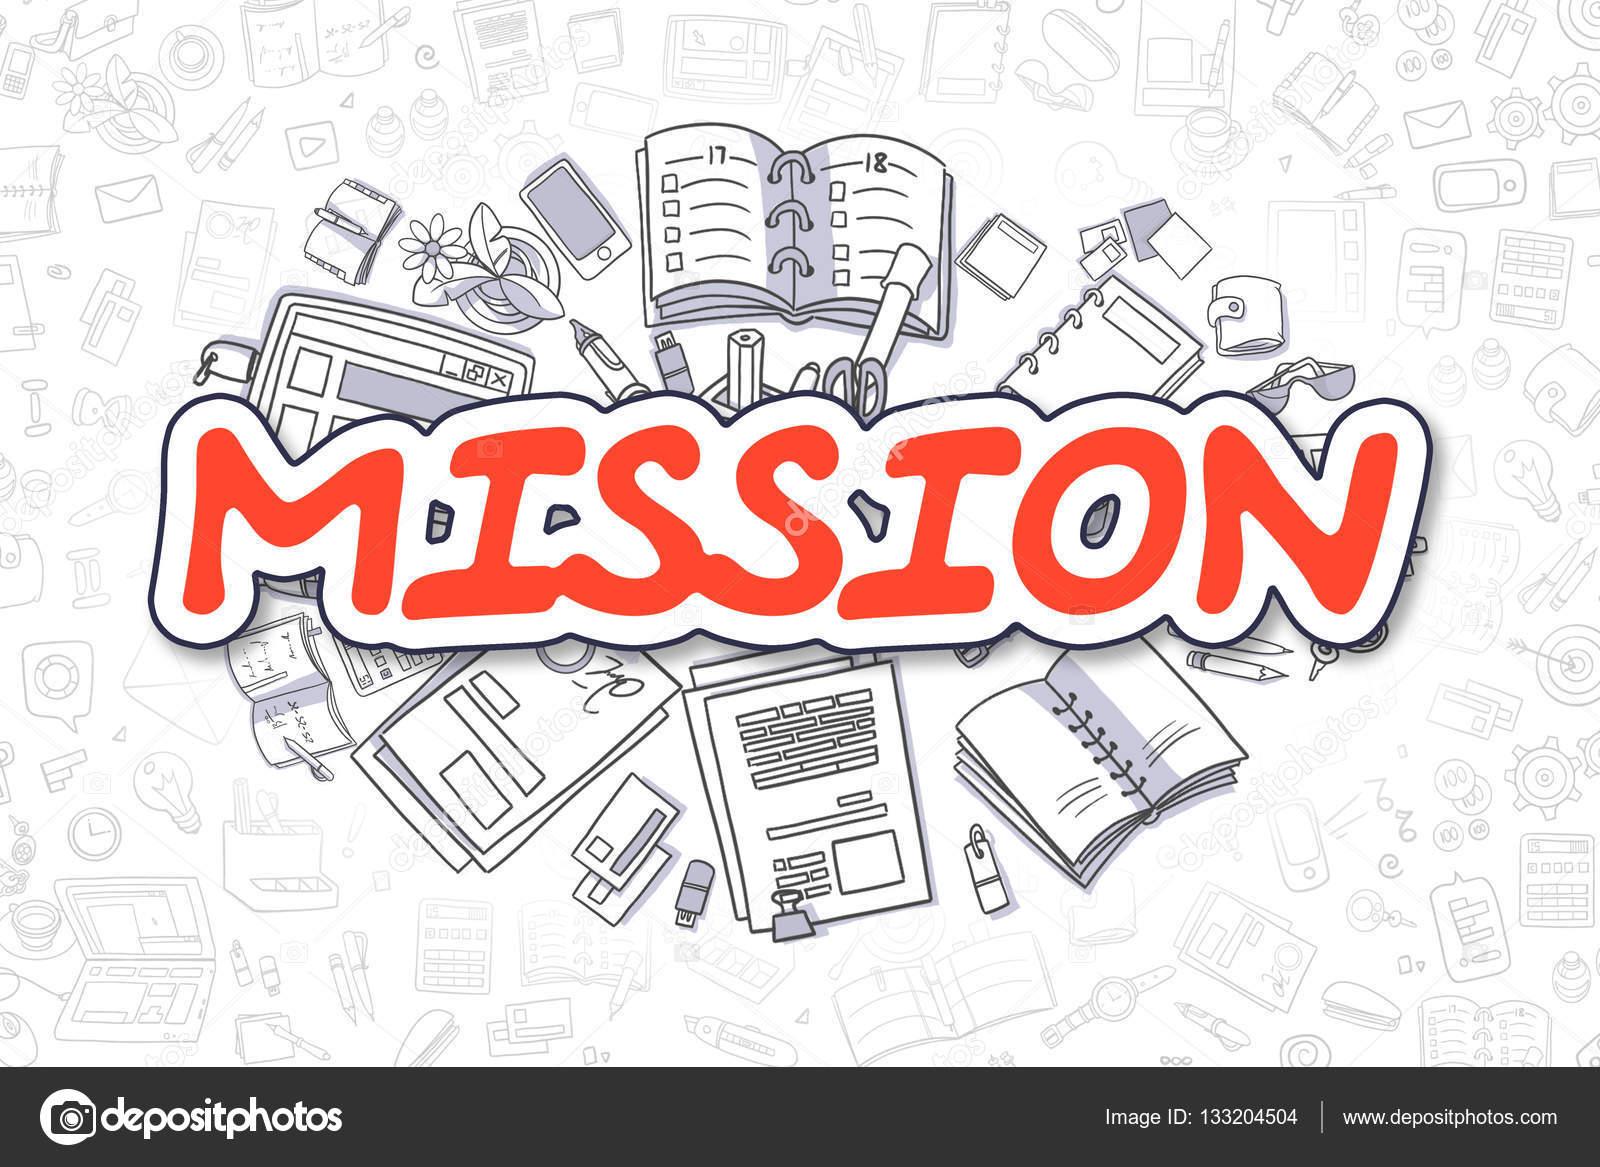 Dibujos De Las Misiones: Inscripción Rojo De Dibujos Animados. Concepto